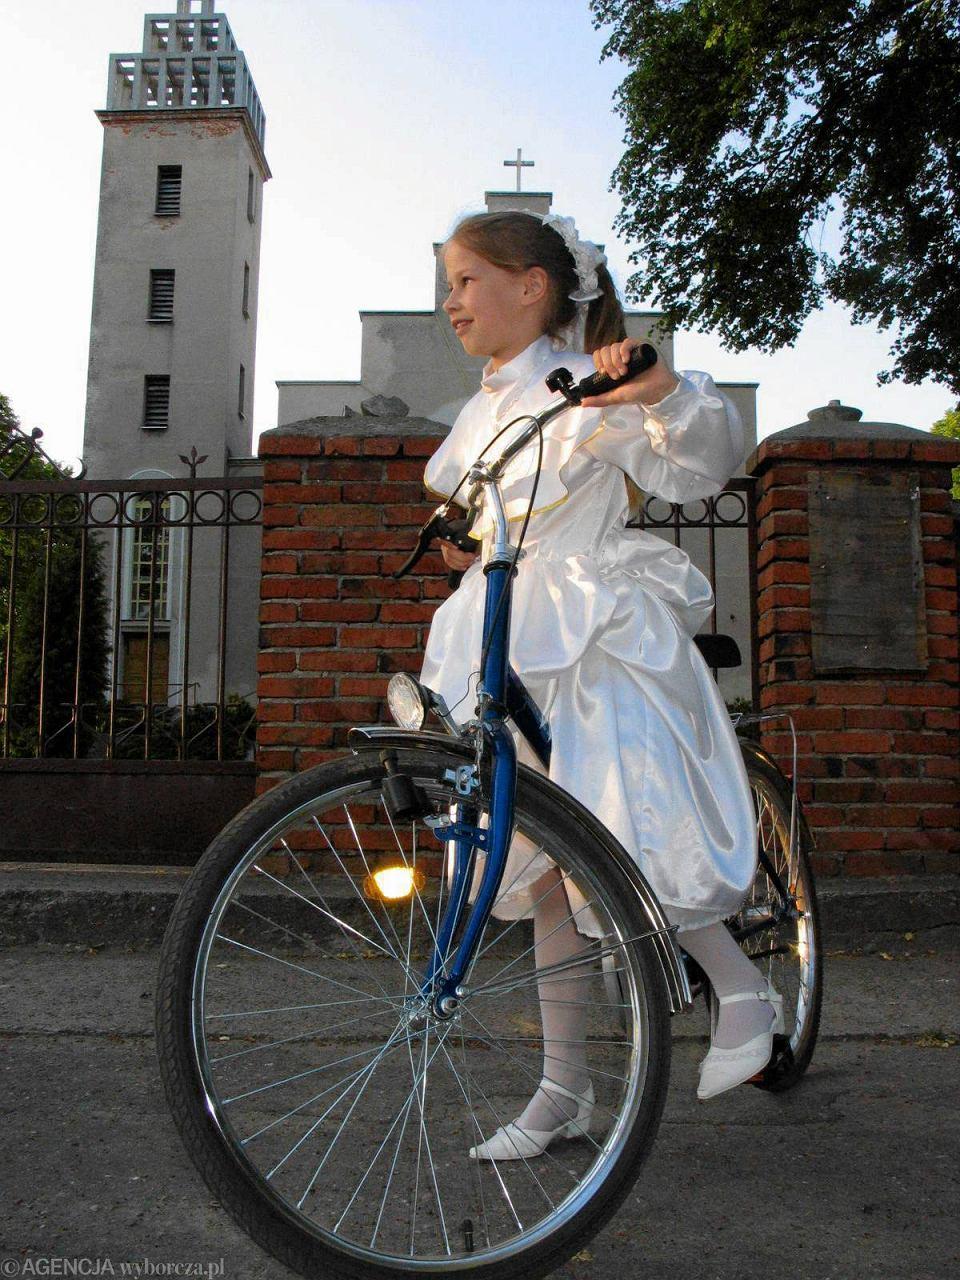 Rowery to wciąż czołówka komunijnych prezentów